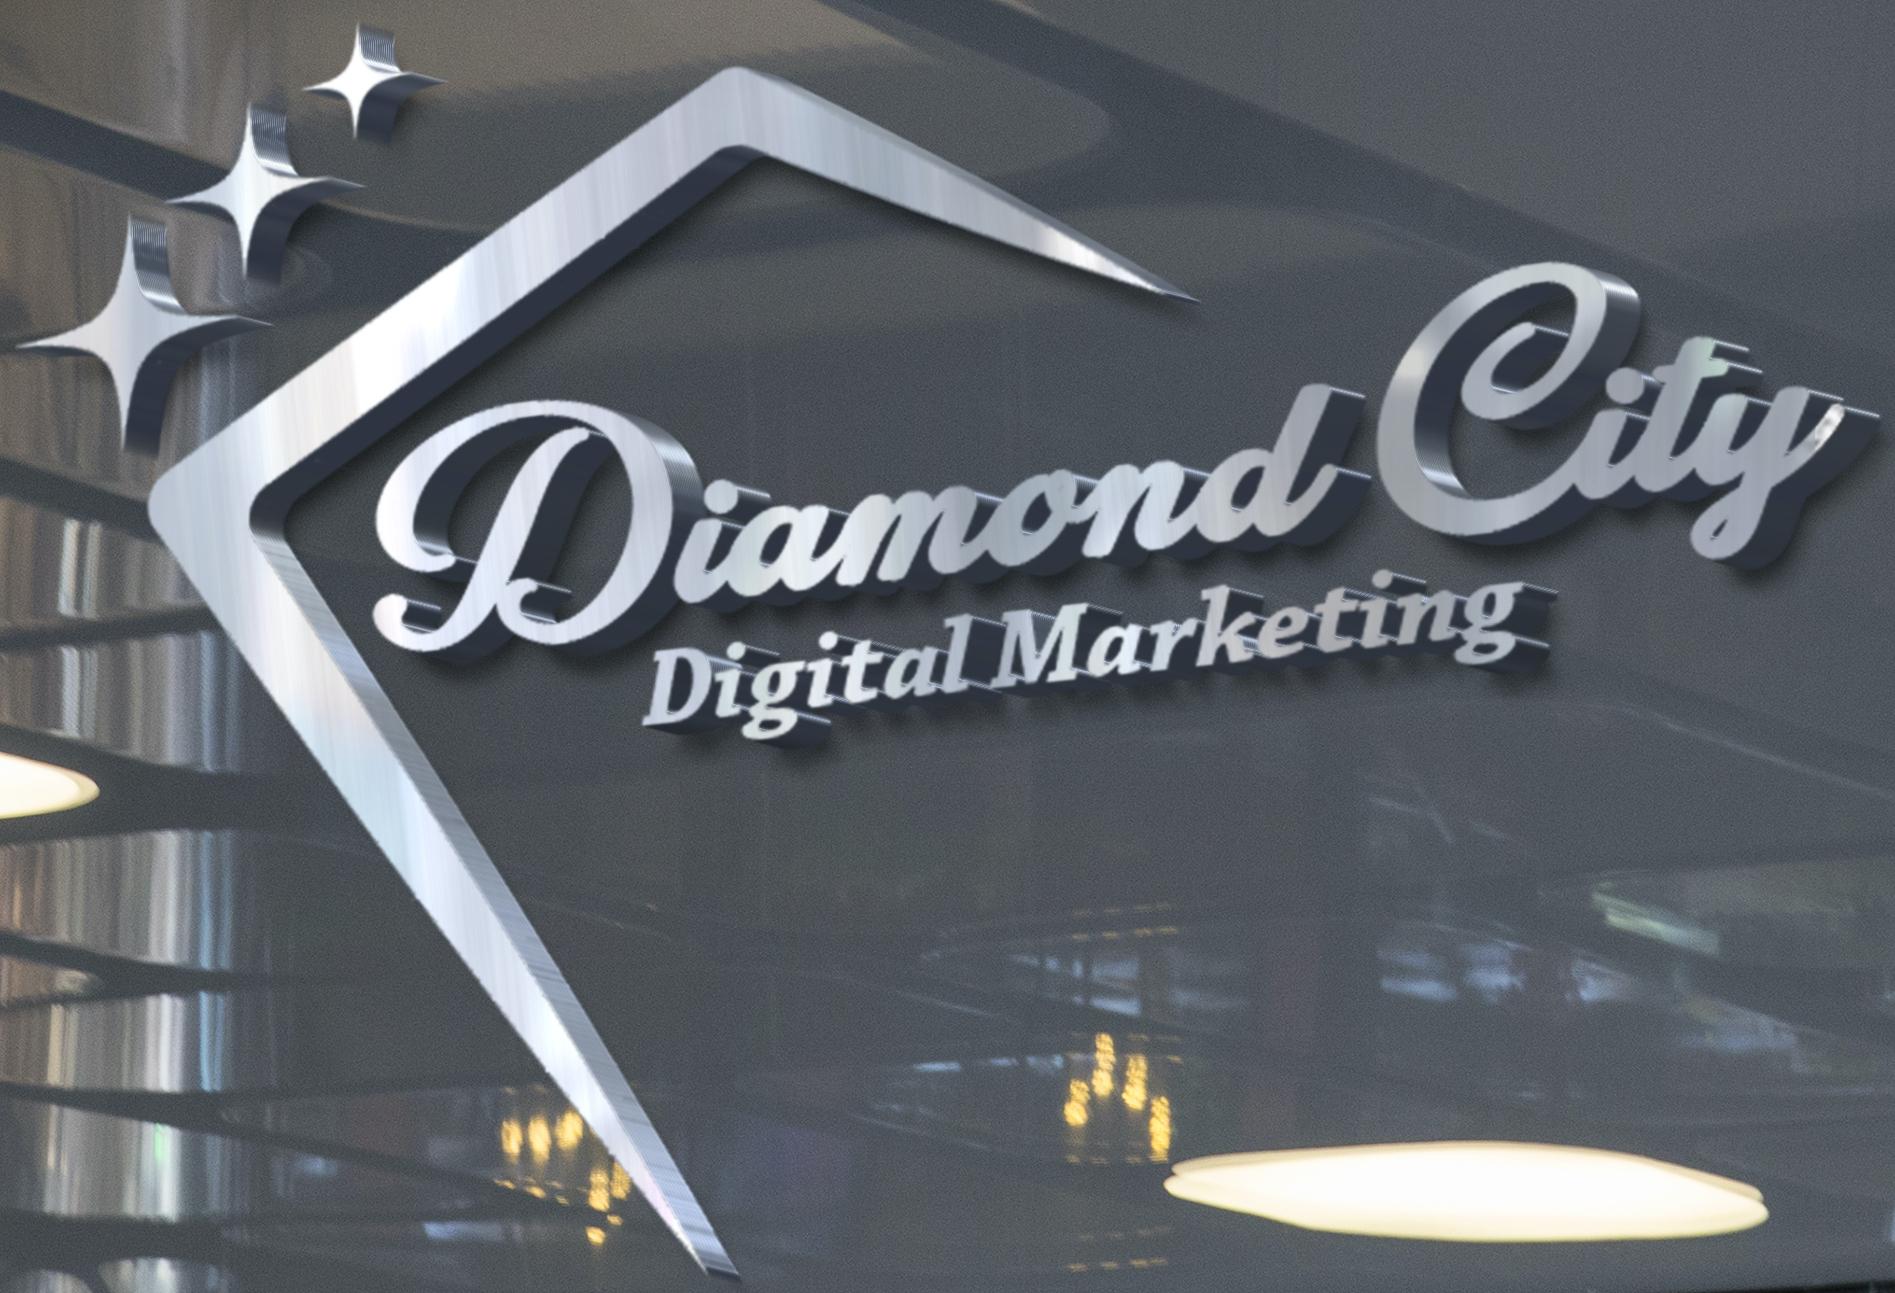 Marketing Ageny